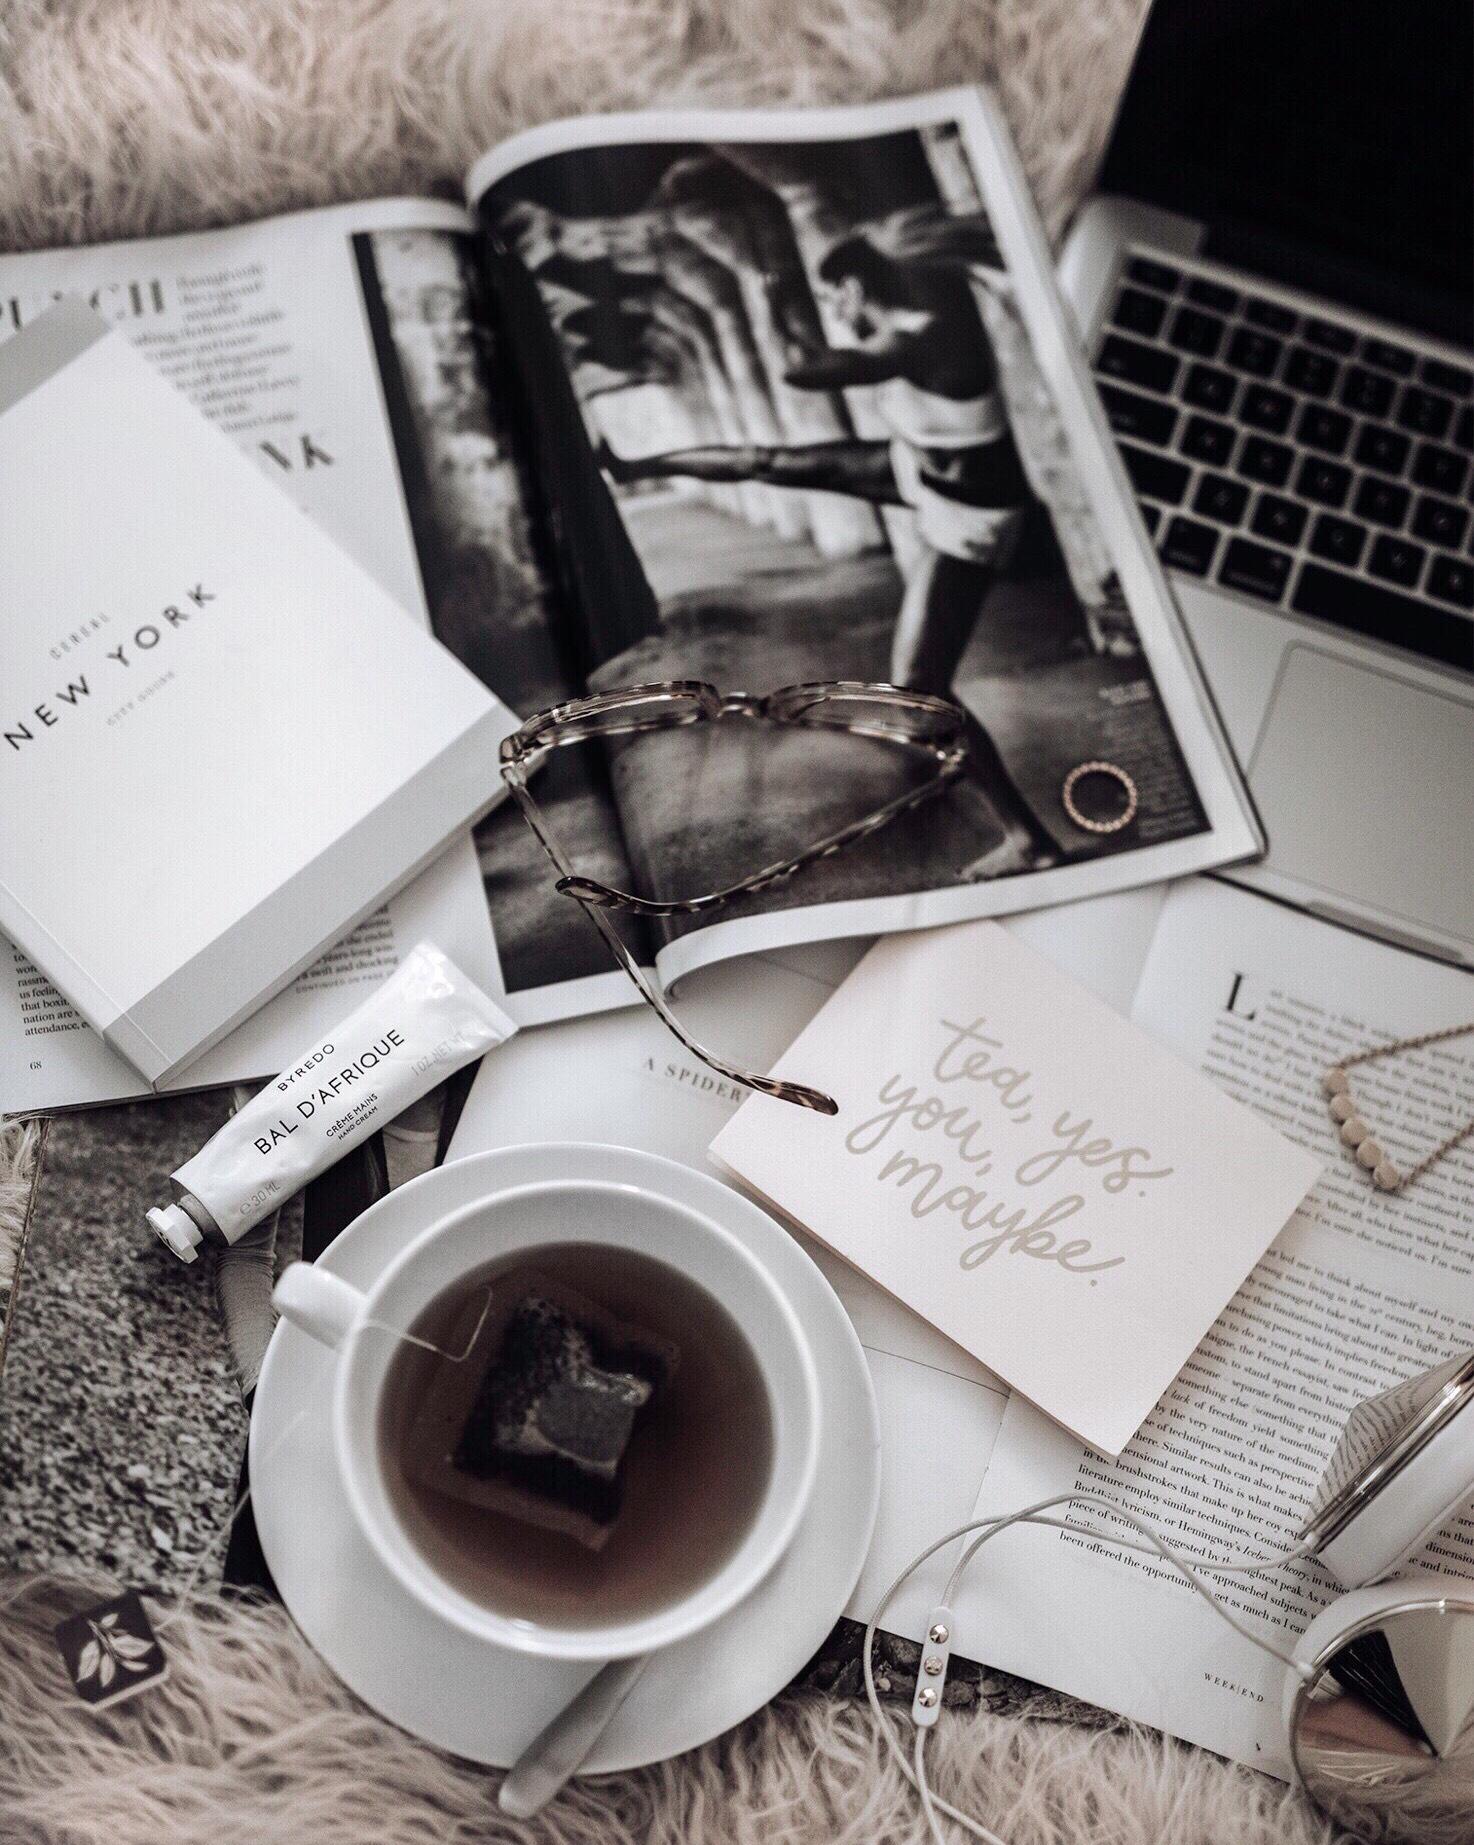 Tiffany Jais fashion and lifestyle blogger of Flaunt and Center | Houston fashion blogger | Friday Feels | Streetstyle blog | #flatlay #blog